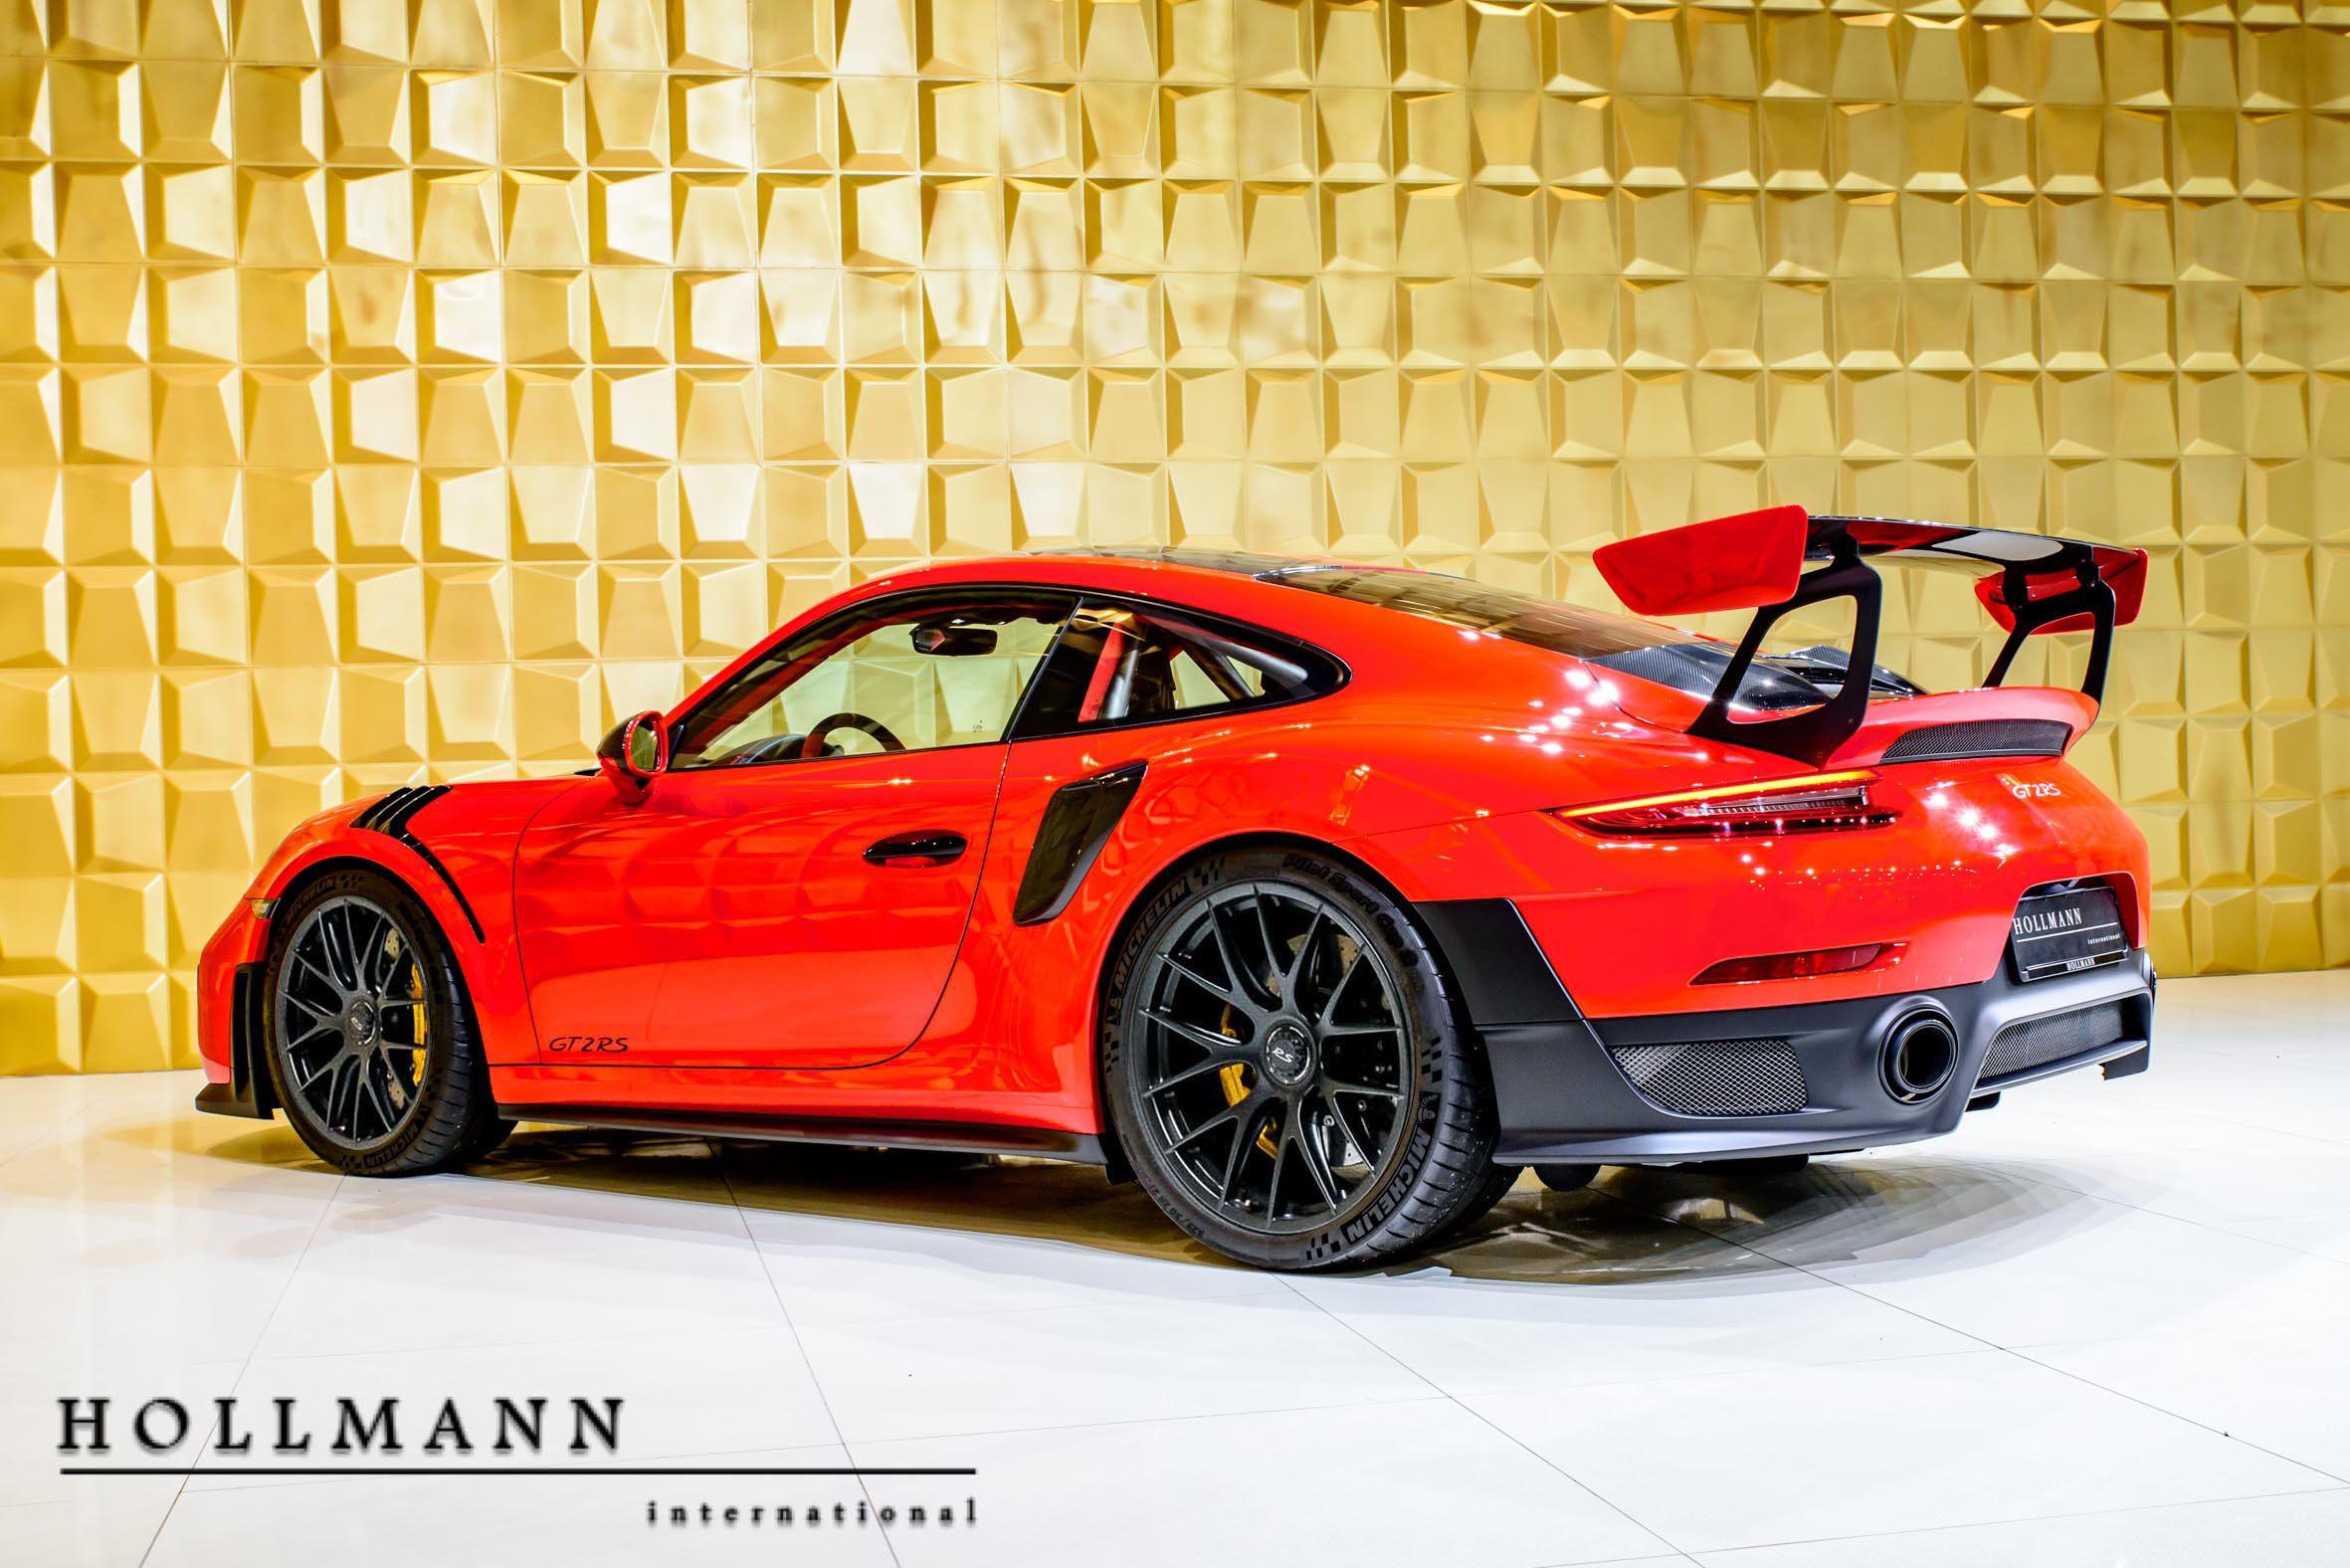 Pin By Hipito Aragon On Coches De Ensueño Porsche 911 Gt2 Porsche 911 Gt2 Rs Porsche 911